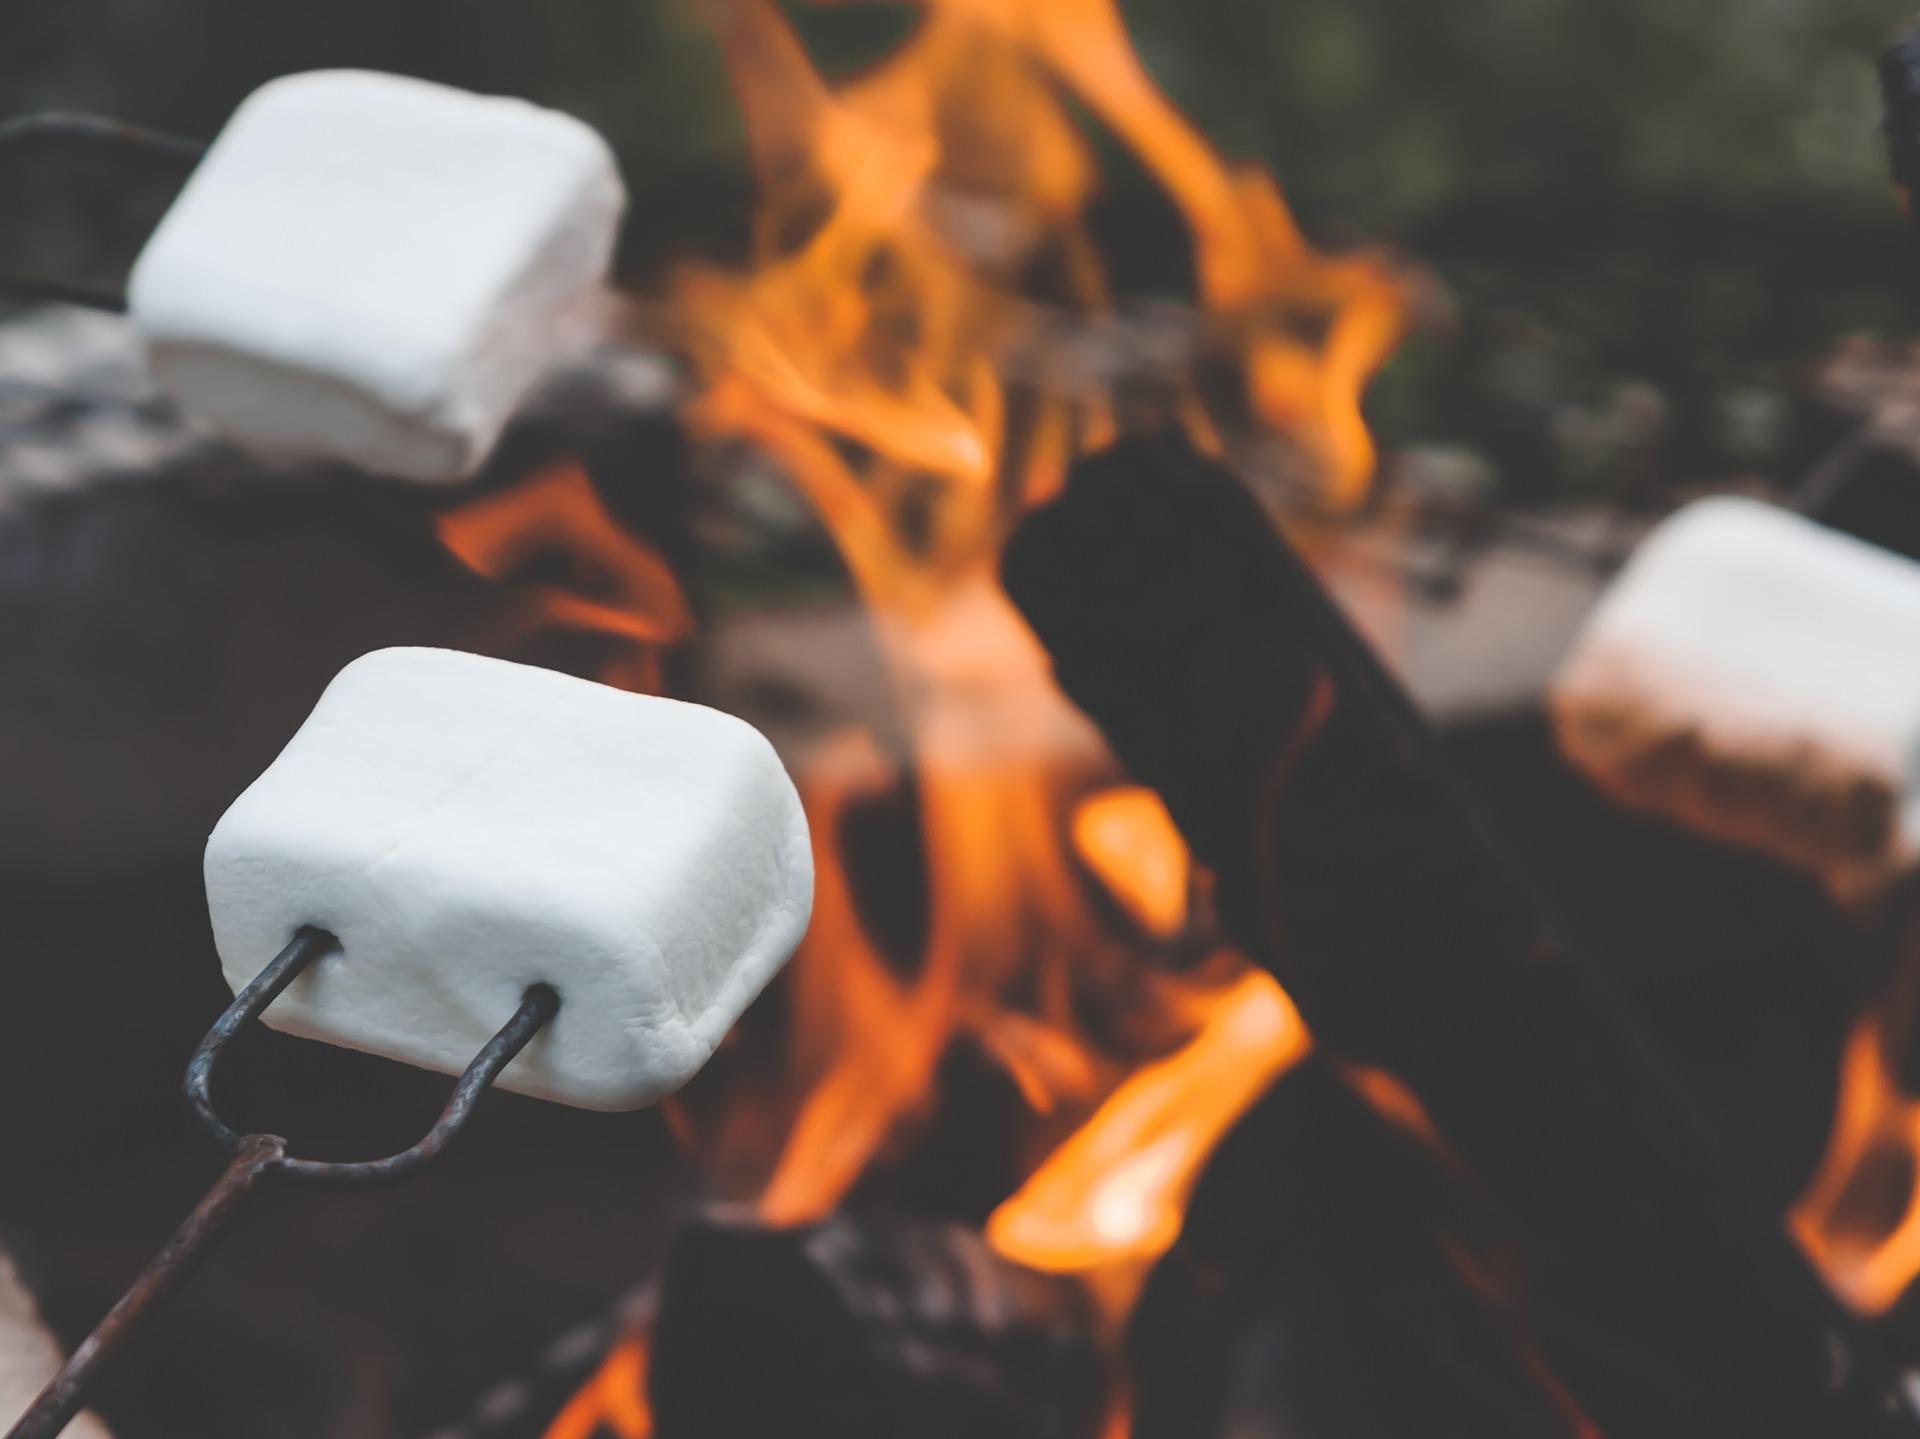 marshmallow-2481460_1920.jpg